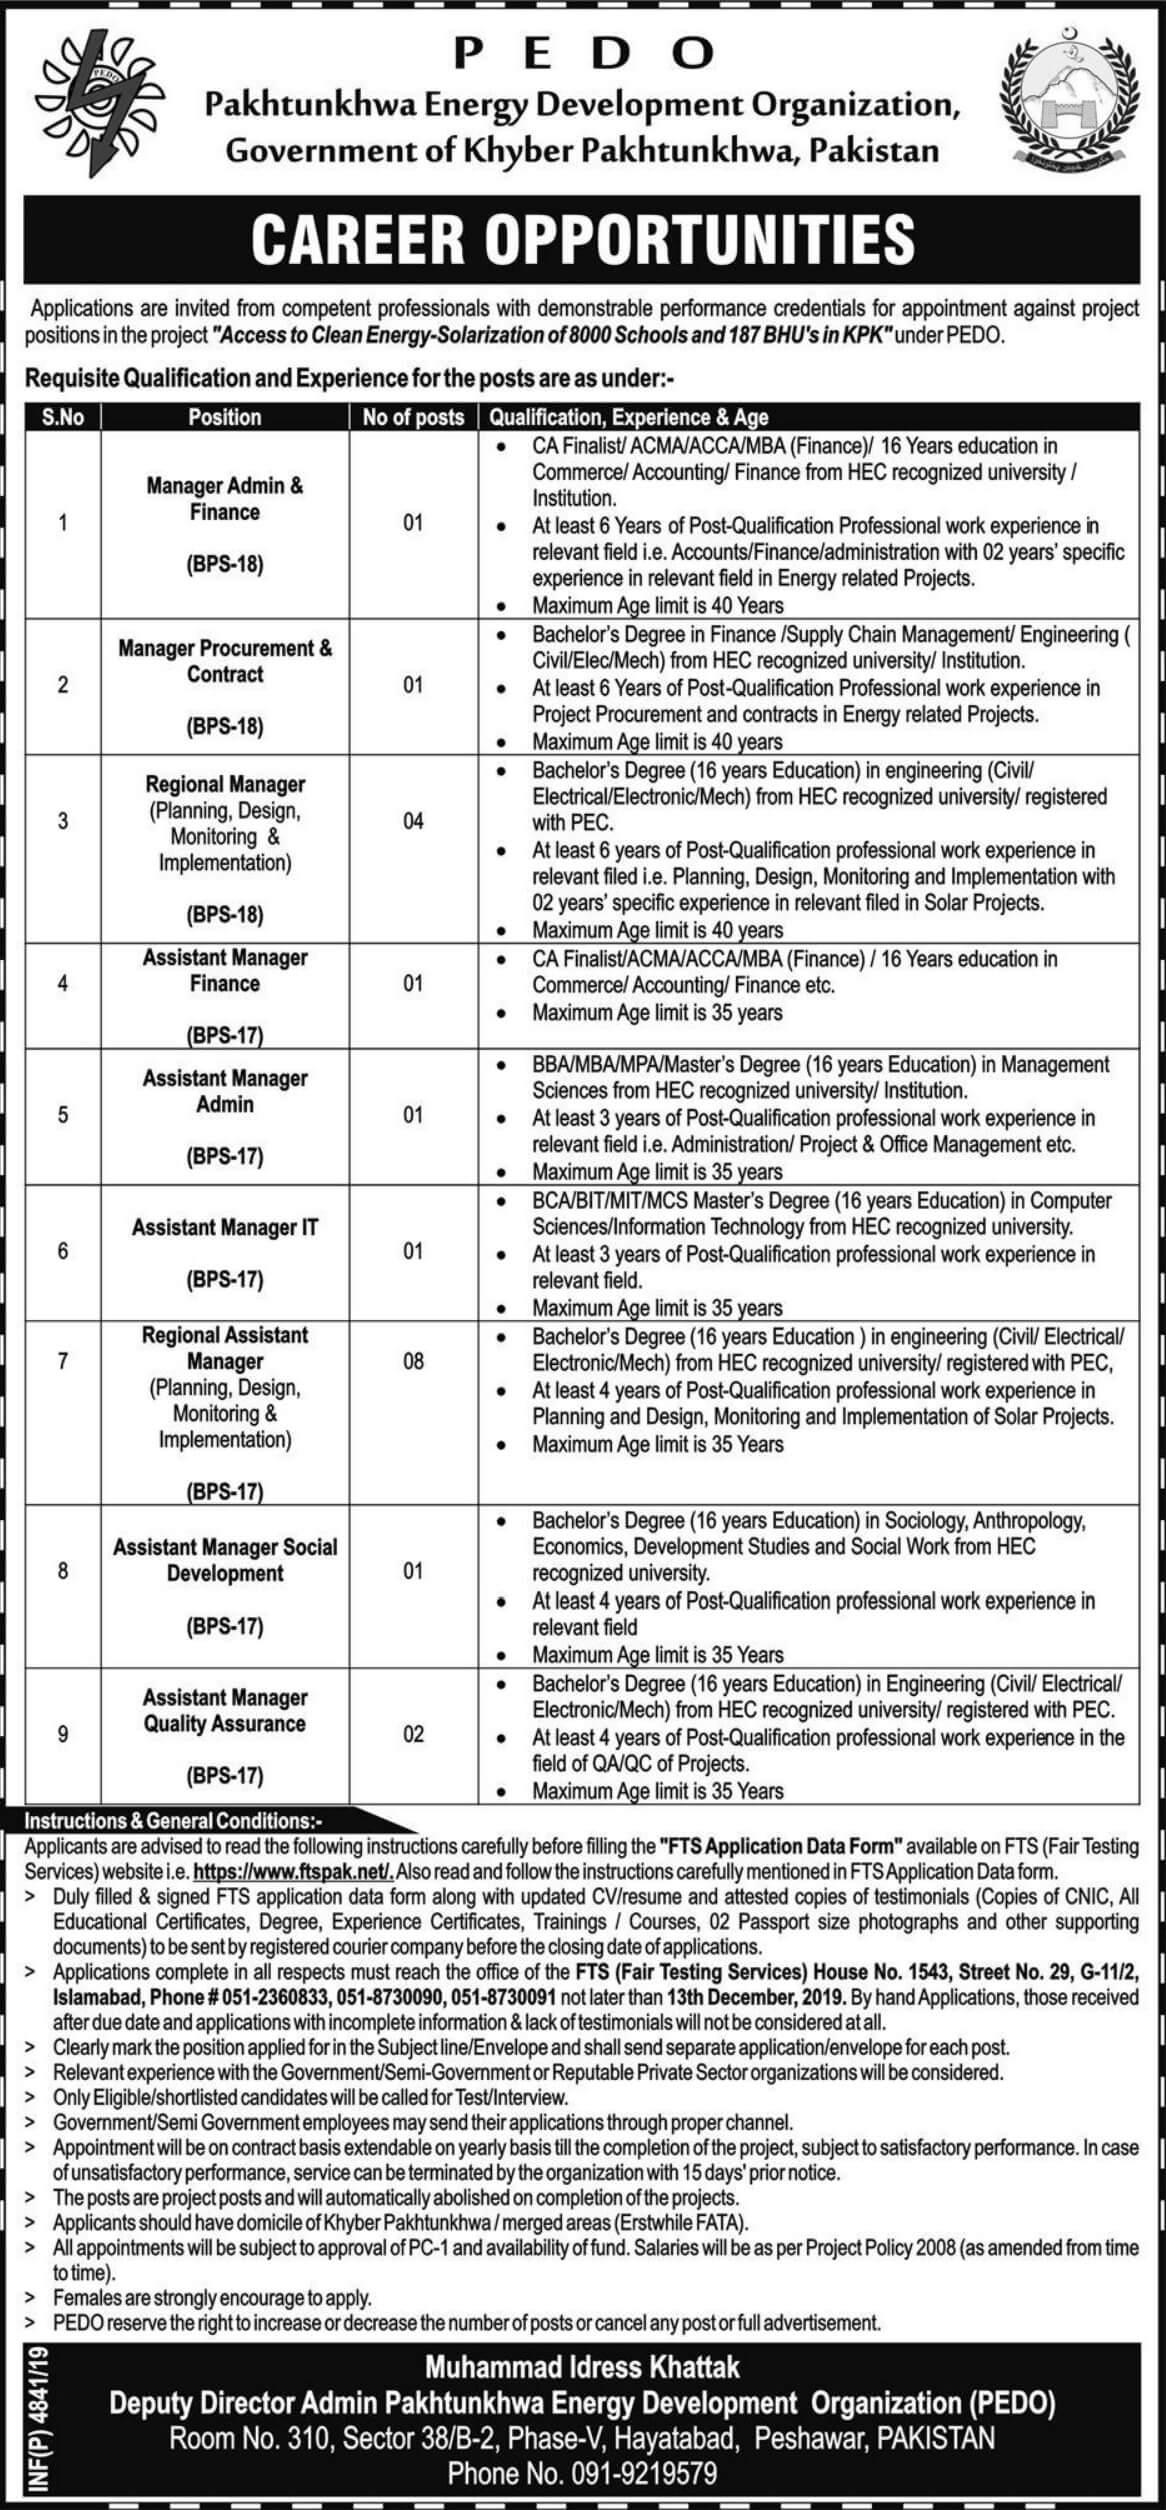 Pakhtunkhwa-Energy-Development-Organization-PEDO-Jobs-2019